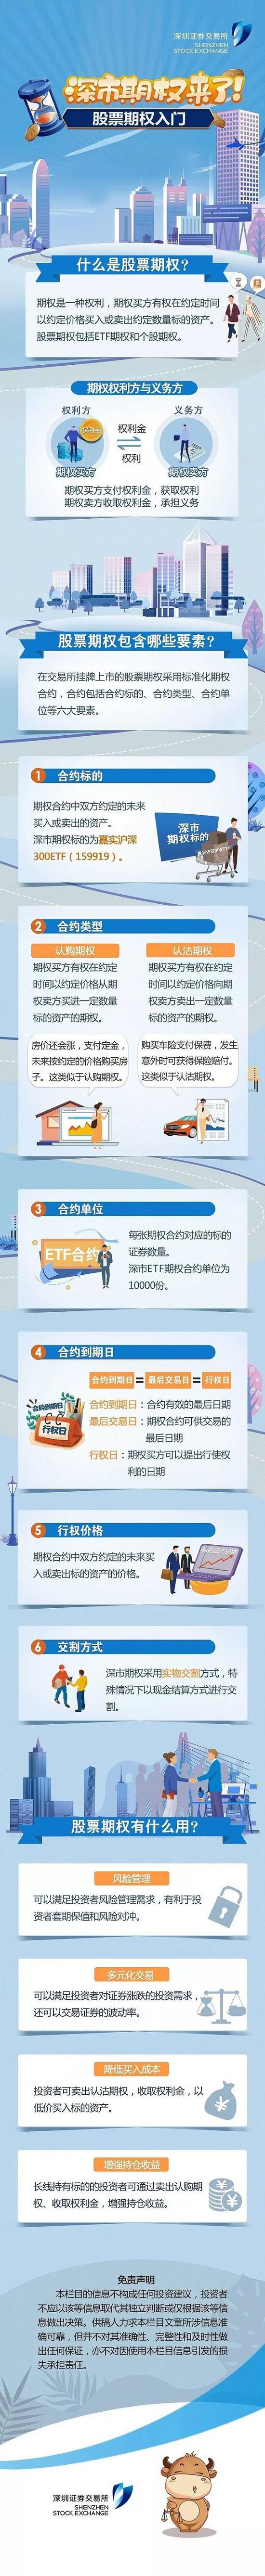 「企业短信平台v8.2」杨浦发布三份清单:让社会组织发挥新能量参与脱贫攻坚行动